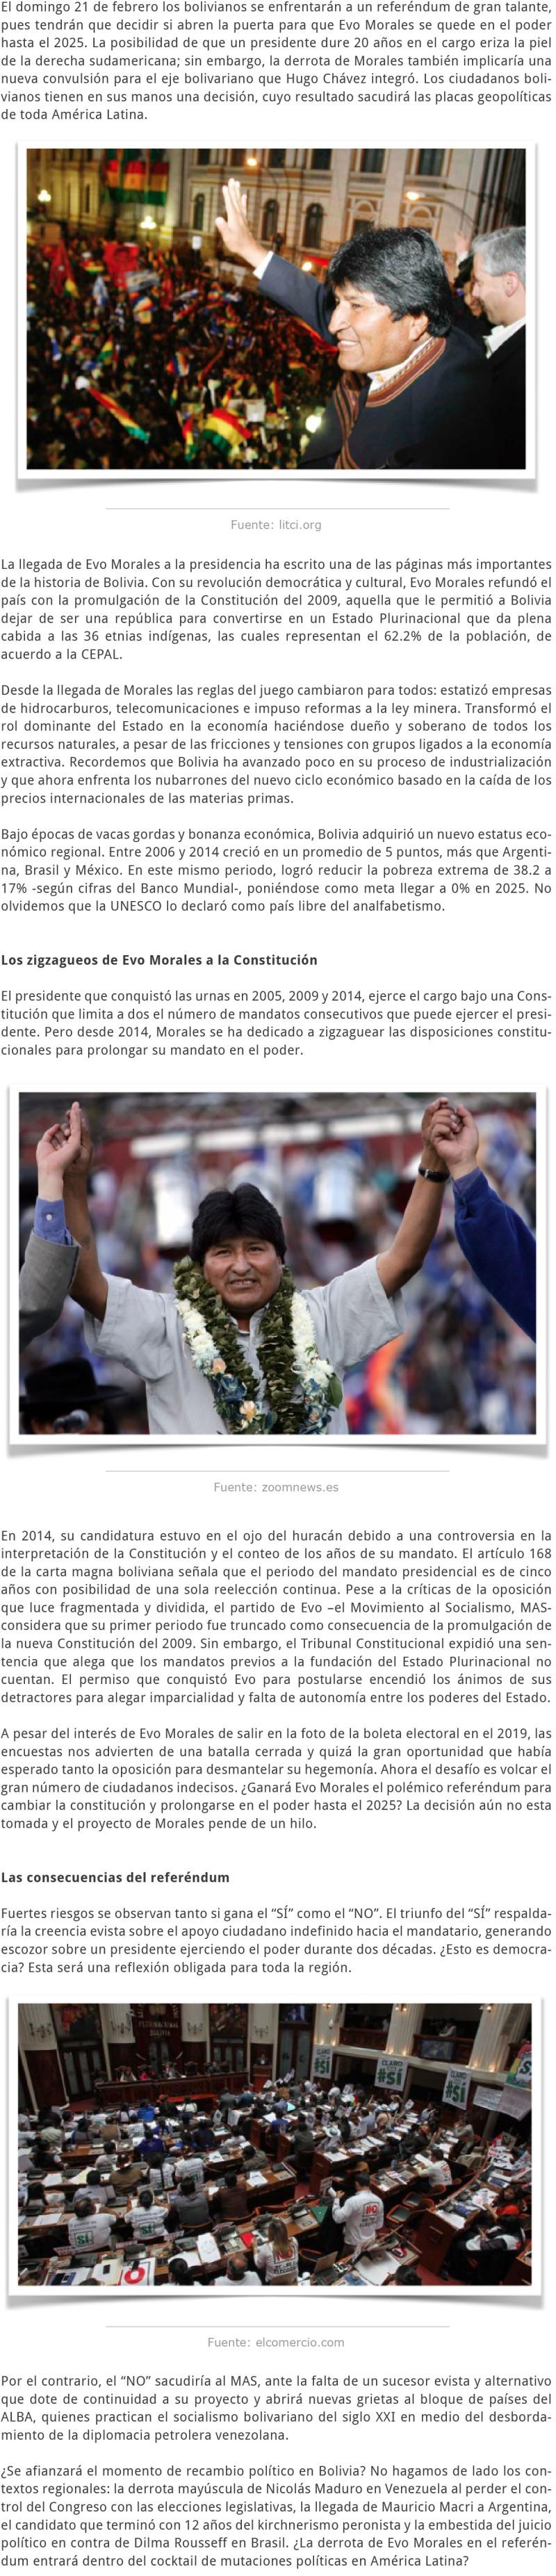 BOLVIA UN NUEVO NODO DEL RECAMBIO POLÍTICO EN AMÉRICA LATINA